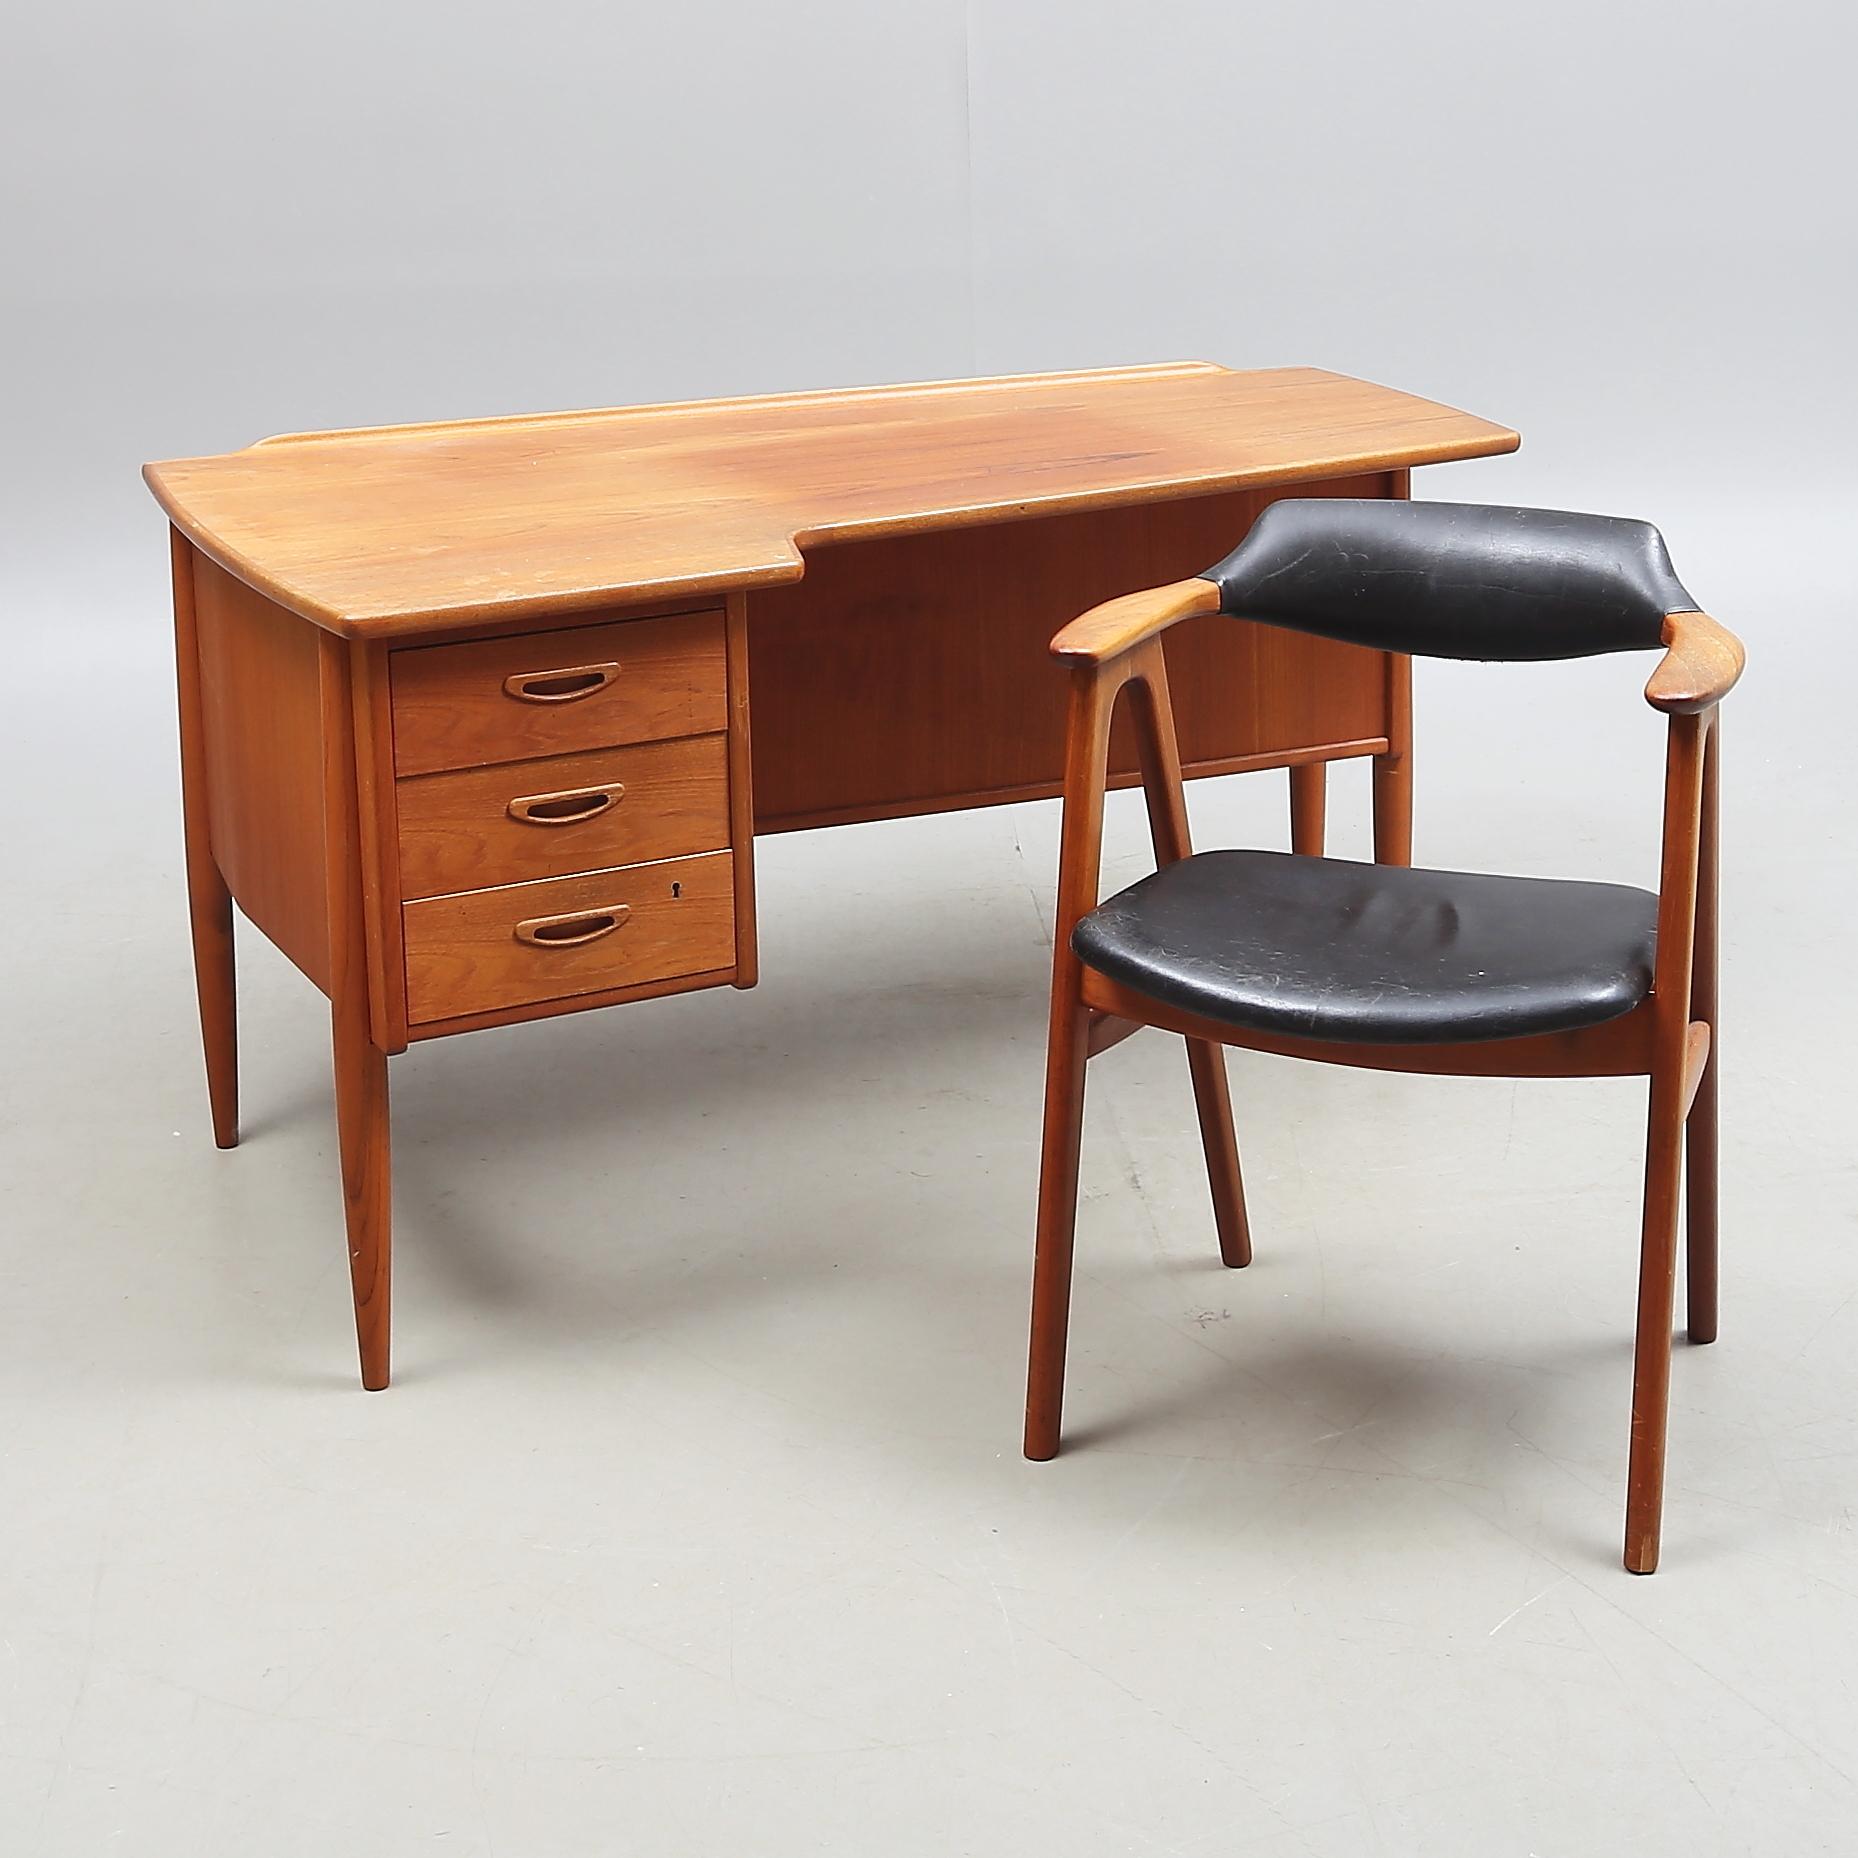 SKRIVBORD, teak, modell A10, Lelångs möbelfabrik, 195060